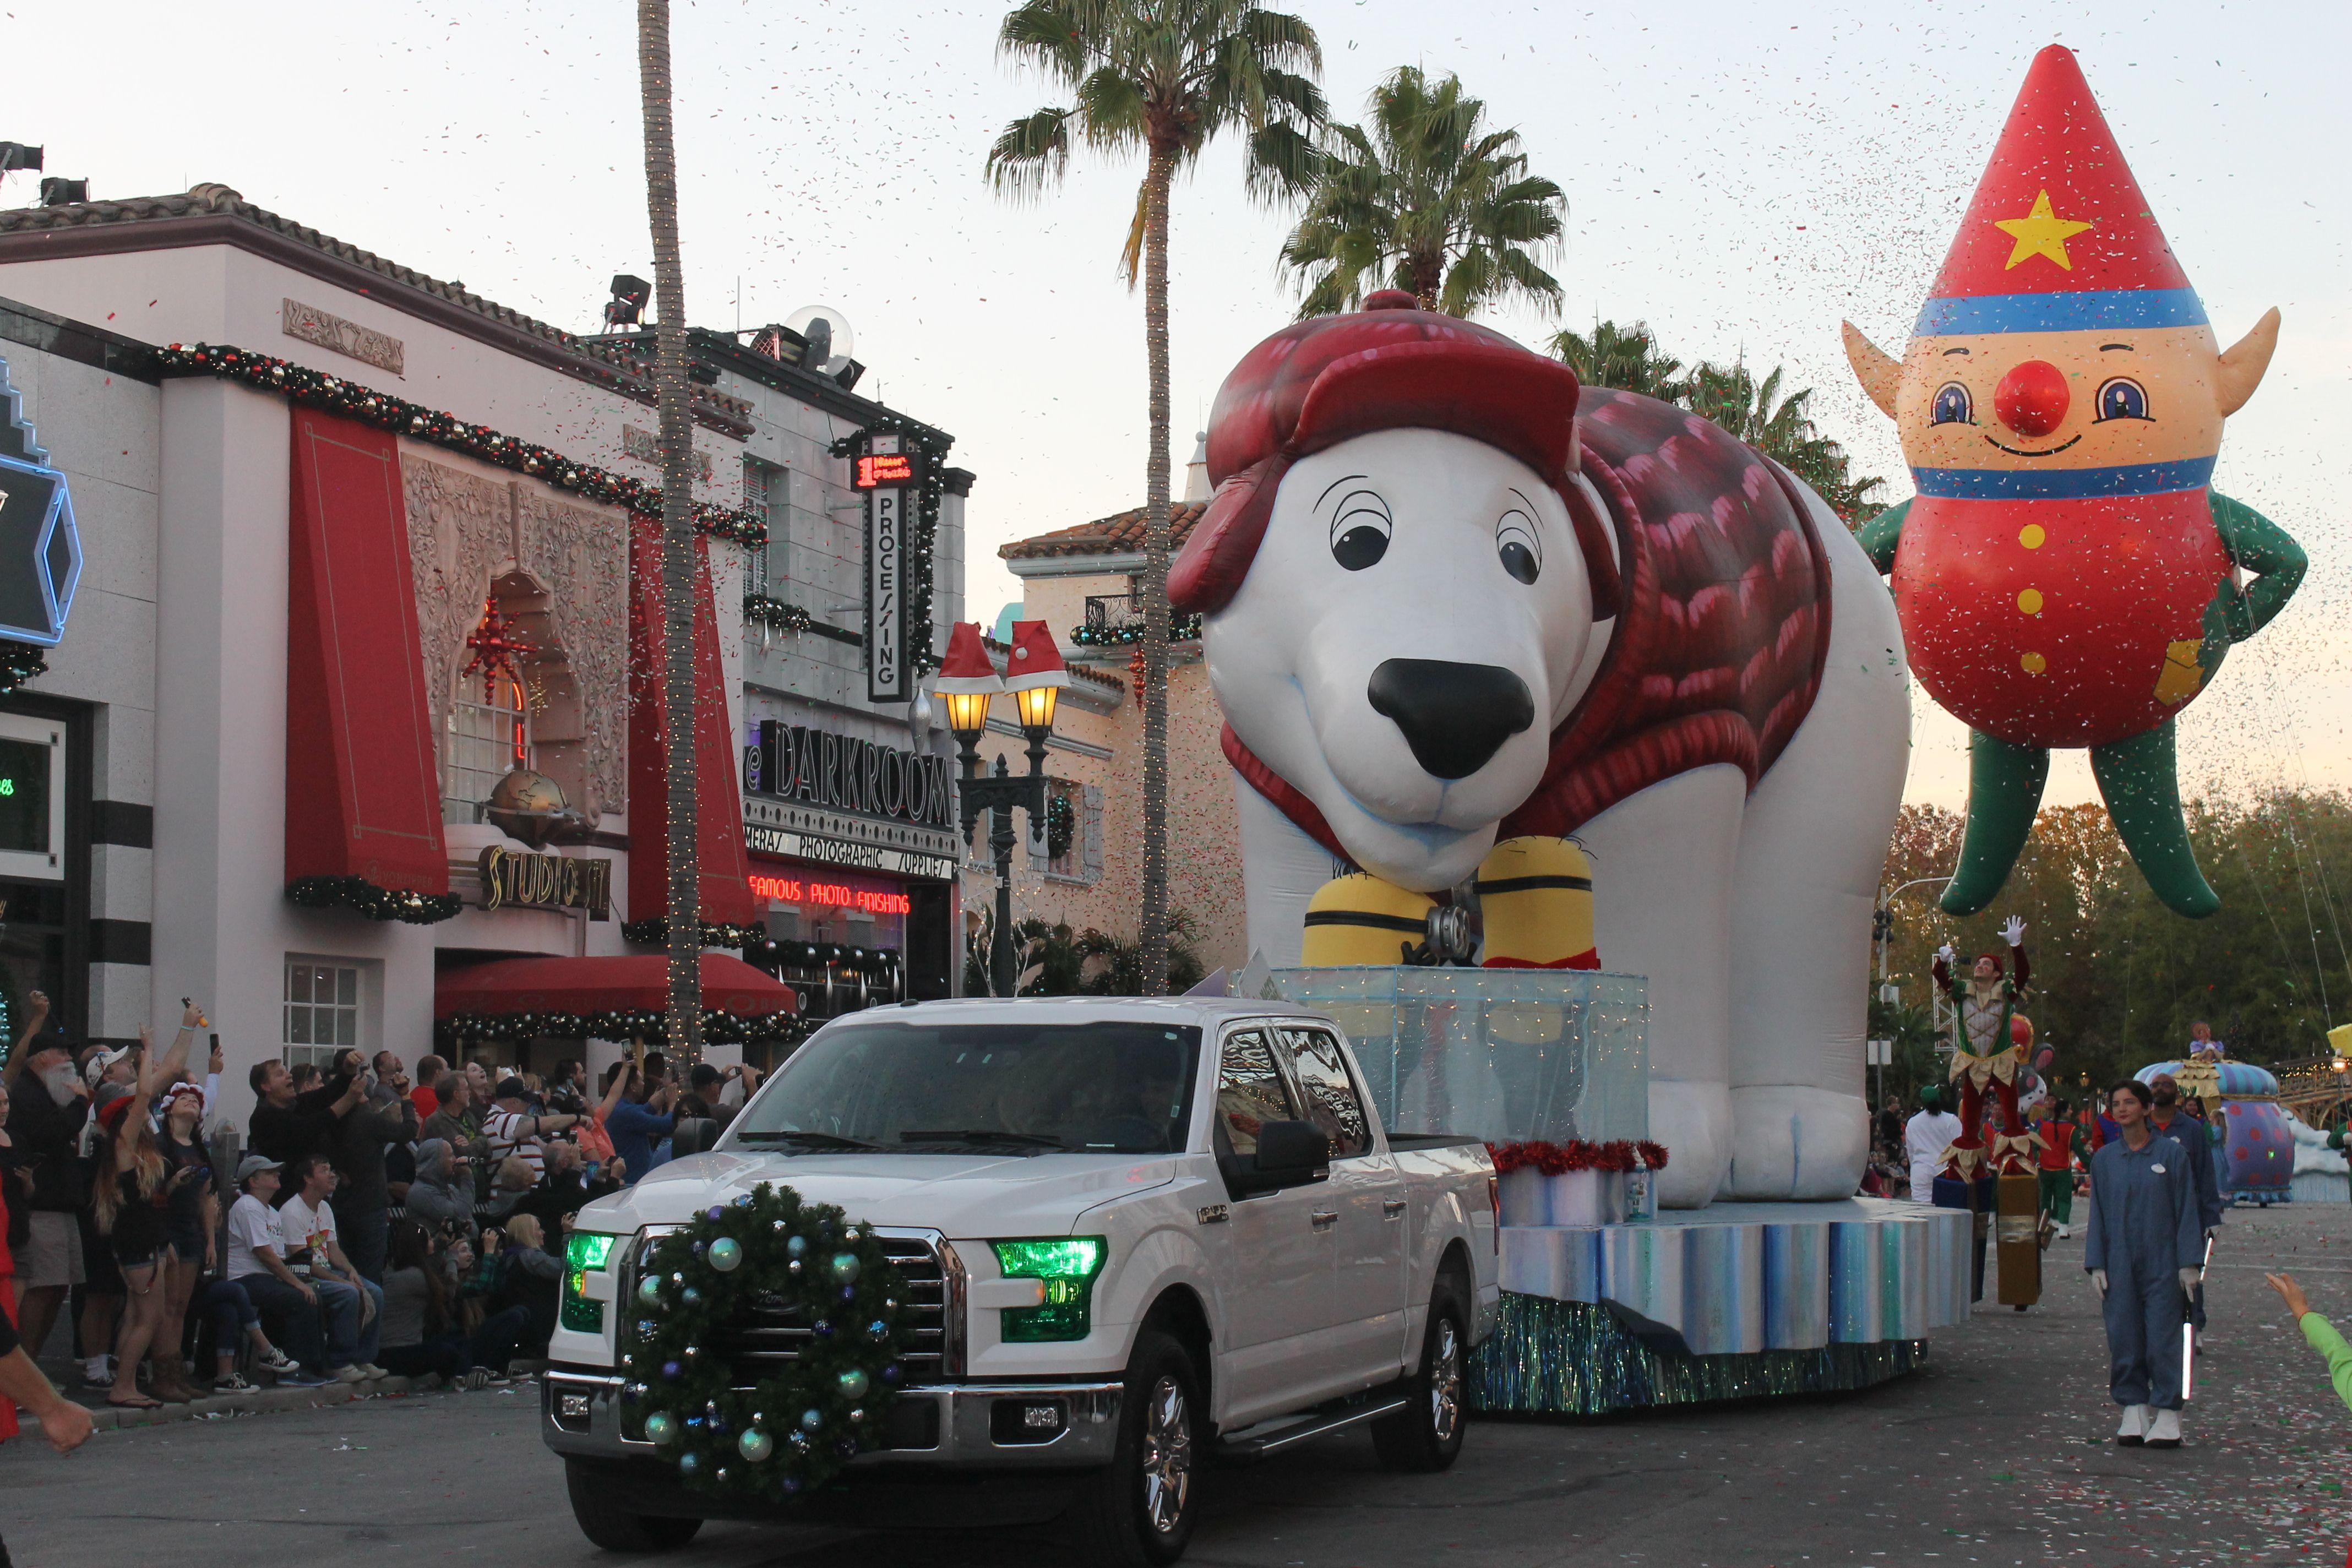 Grinchmas Universal Orlando